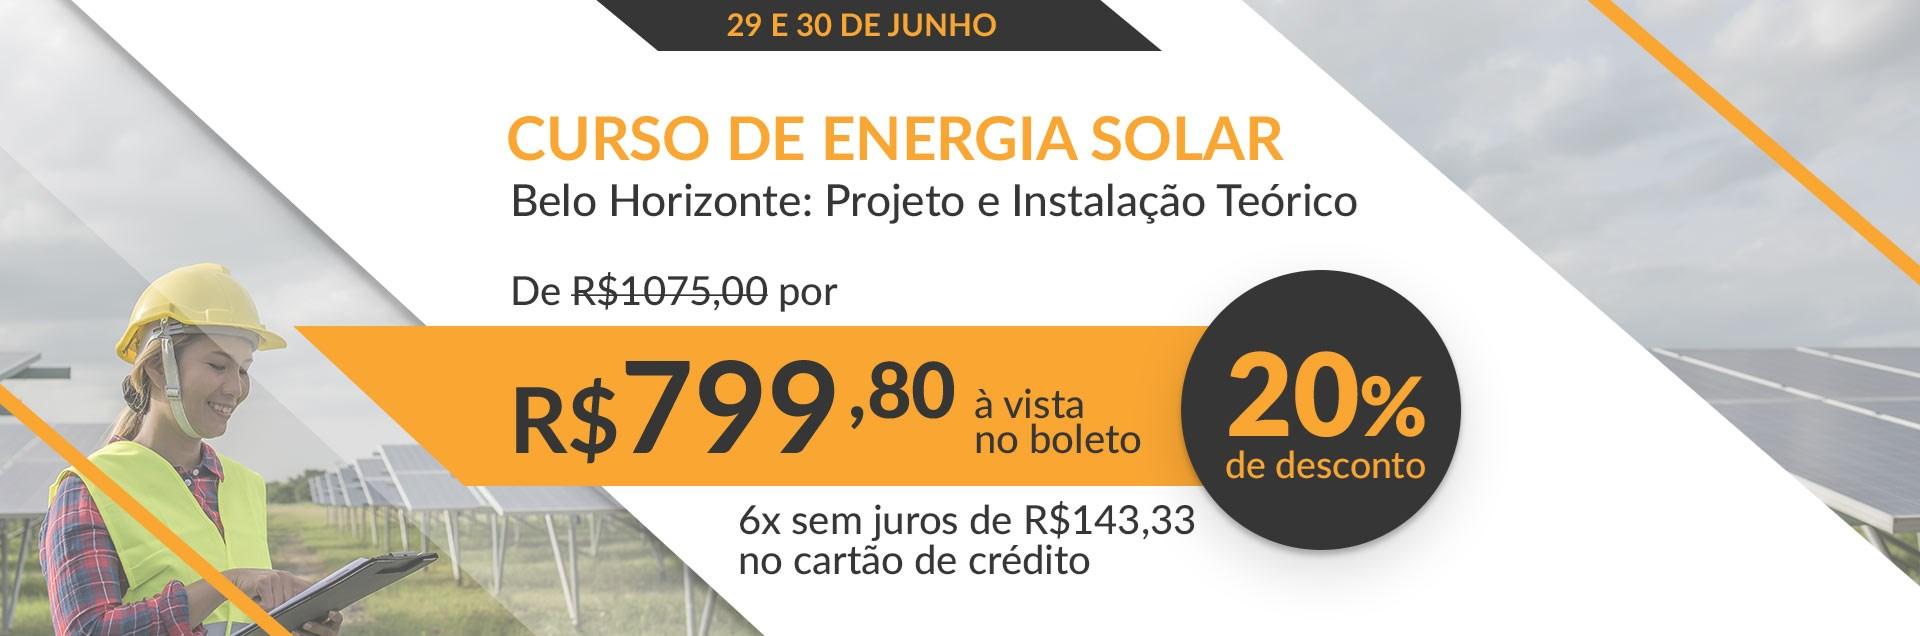 Curso de Energia Solar em Belo Horizonte: Projeto e Instalação Teórico - Junho